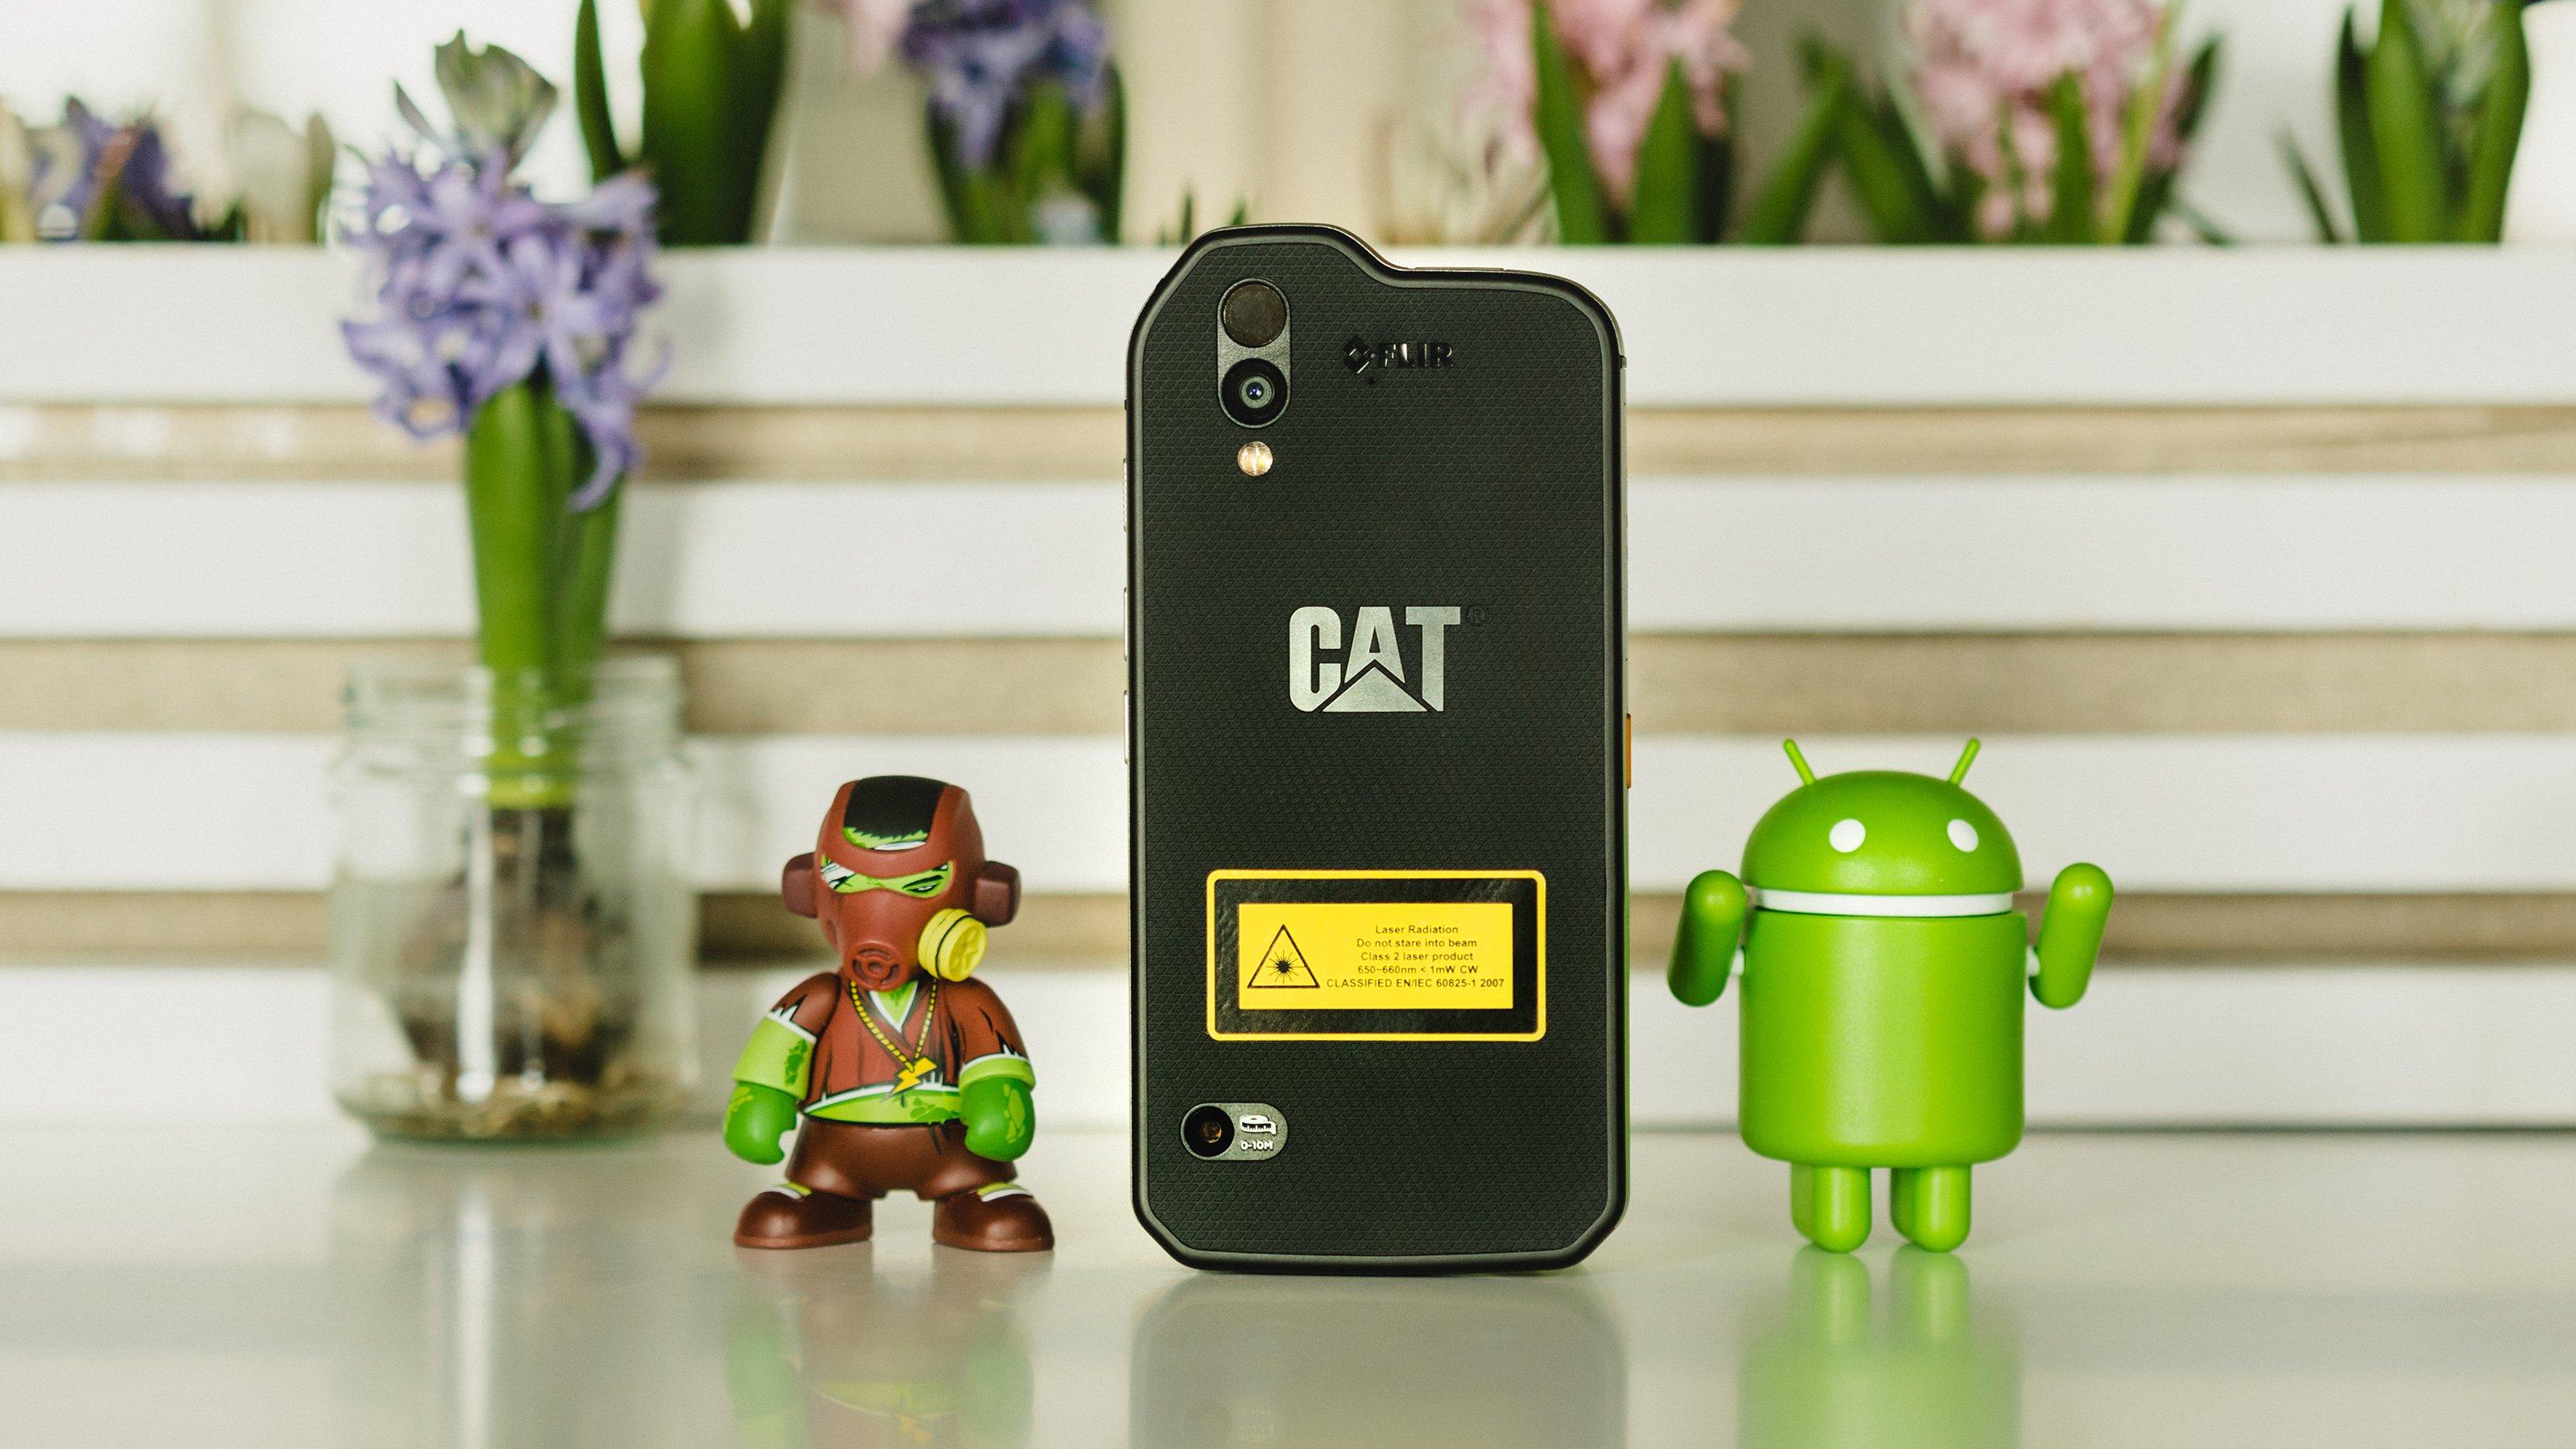 Laser Entfernungsmesser Mit Usb Anschluss : Cat s61 im test: grobe kelle statt feine klinge androidpit